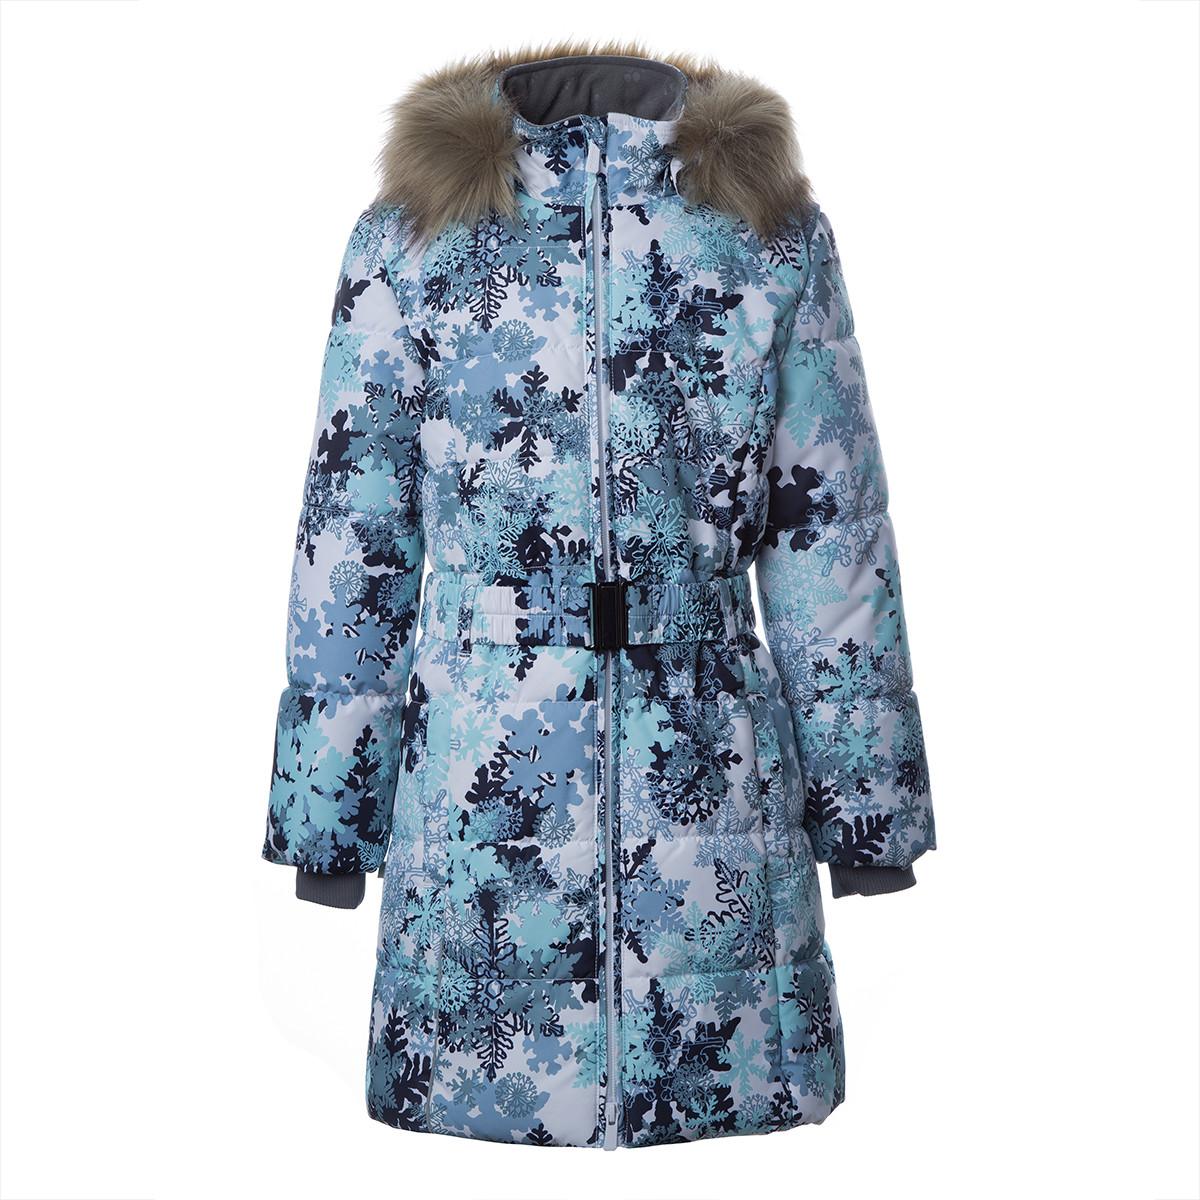 Пальто для девочек Huppa YACARANDA,  белый с принтом - 110